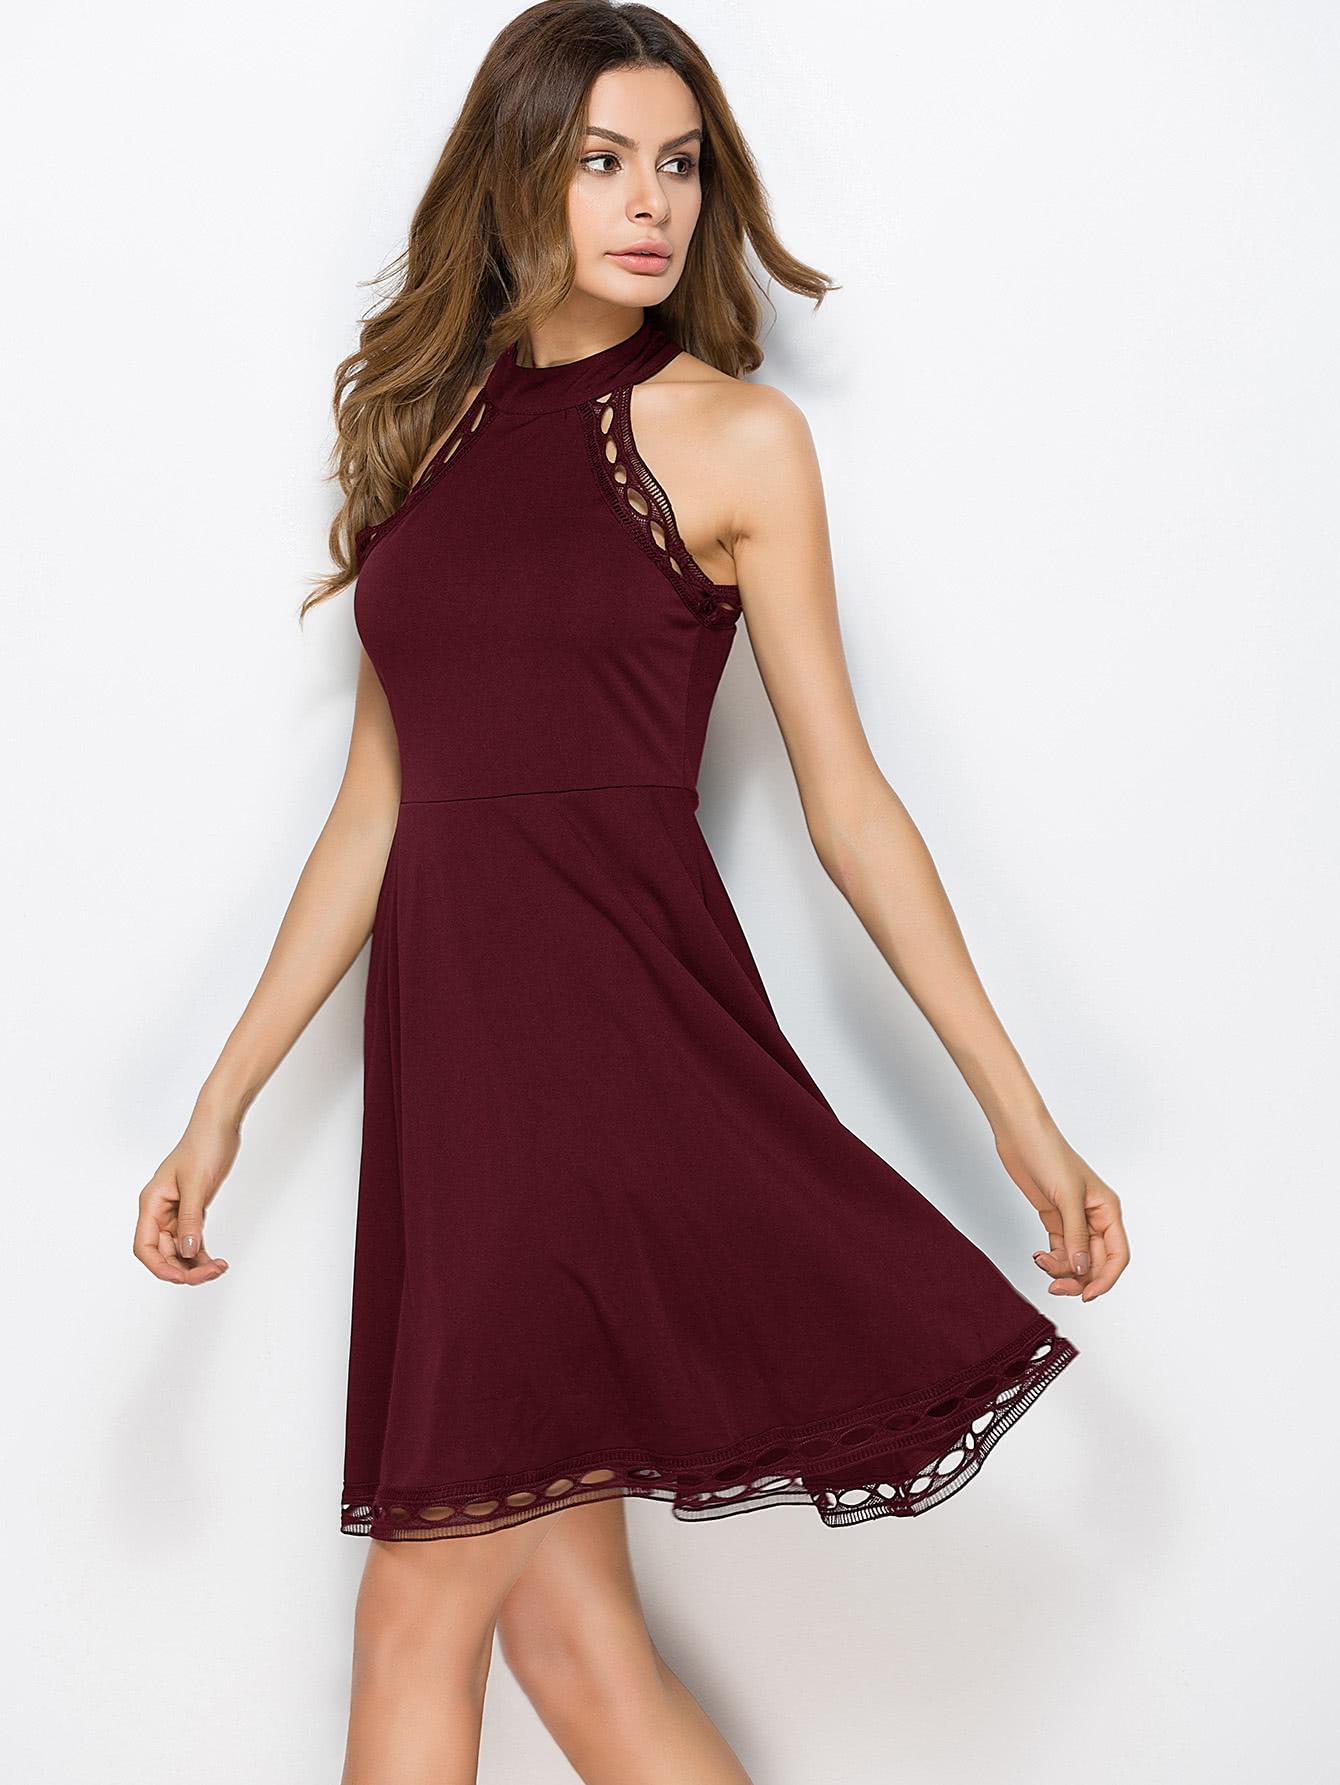 Hollow Out Crochet Trim Swing Dress crochet openwork swing dress